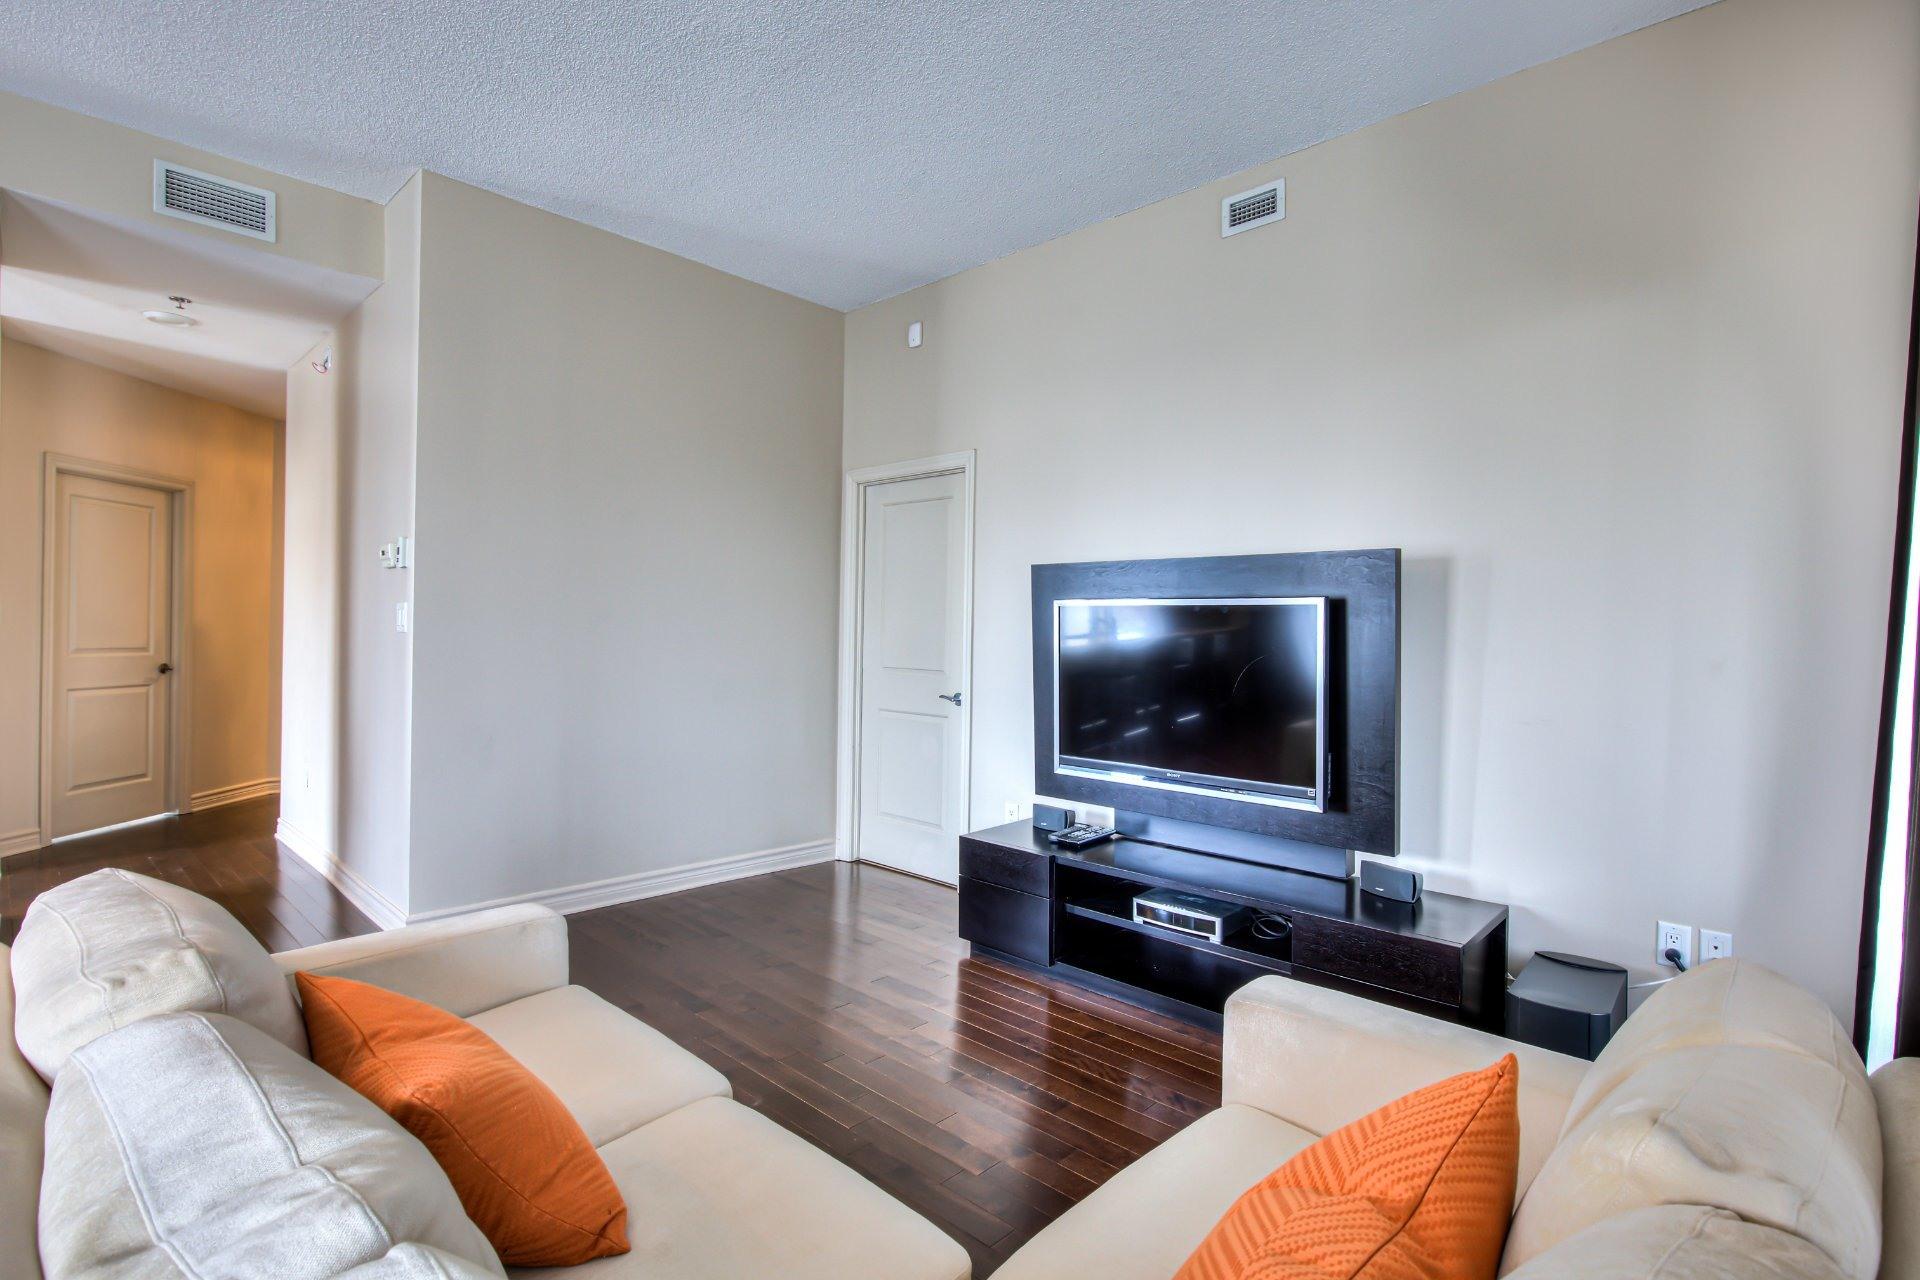 image 13 - Appartement À vendre Vaudreuil-Dorion - 8 pièces